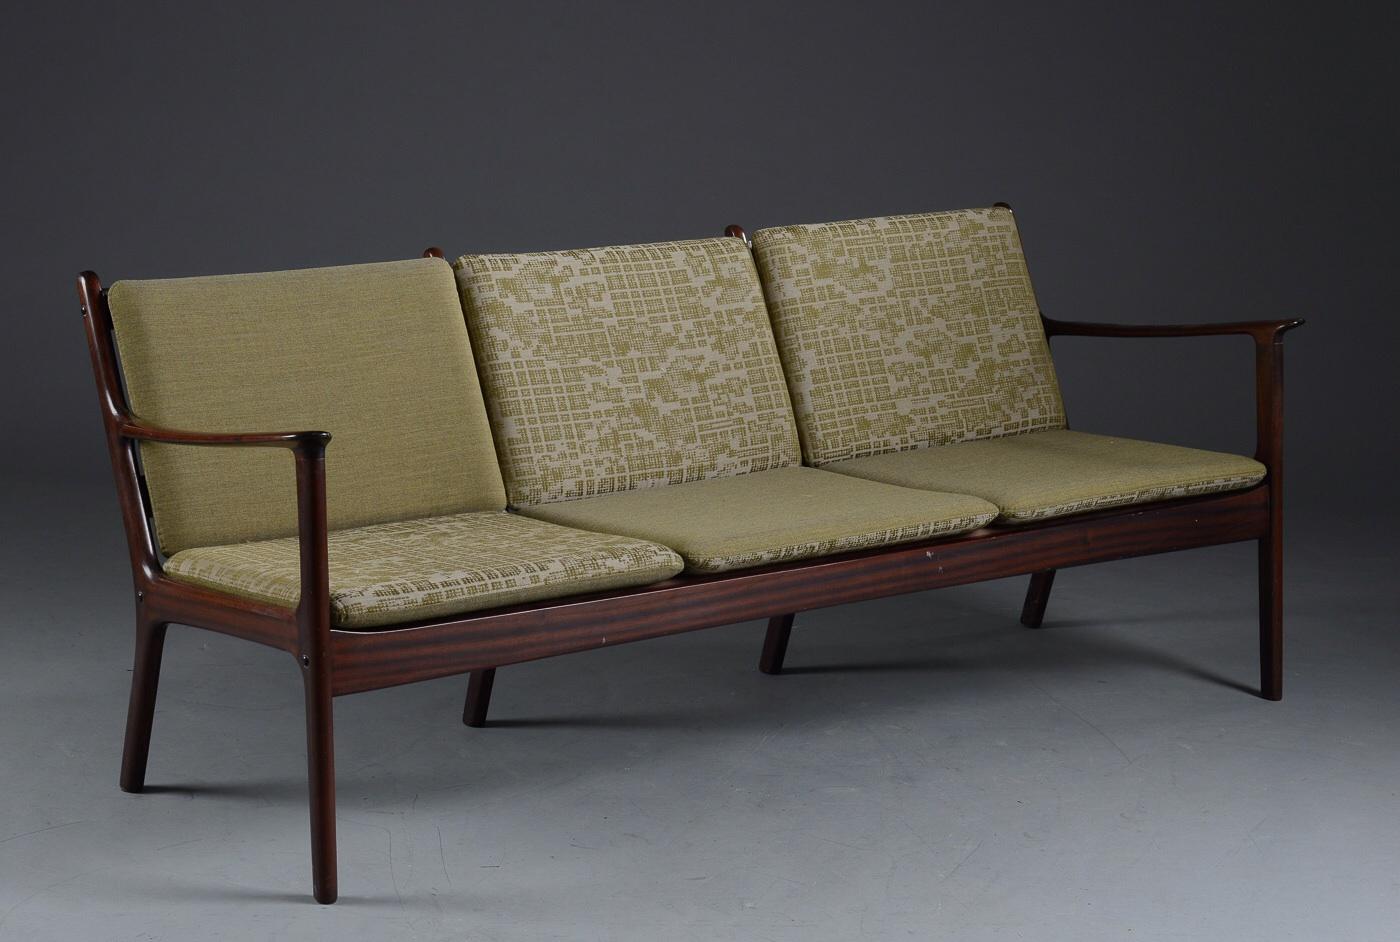 sofaer m belpolstreren. Black Bedroom Furniture Sets. Home Design Ideas